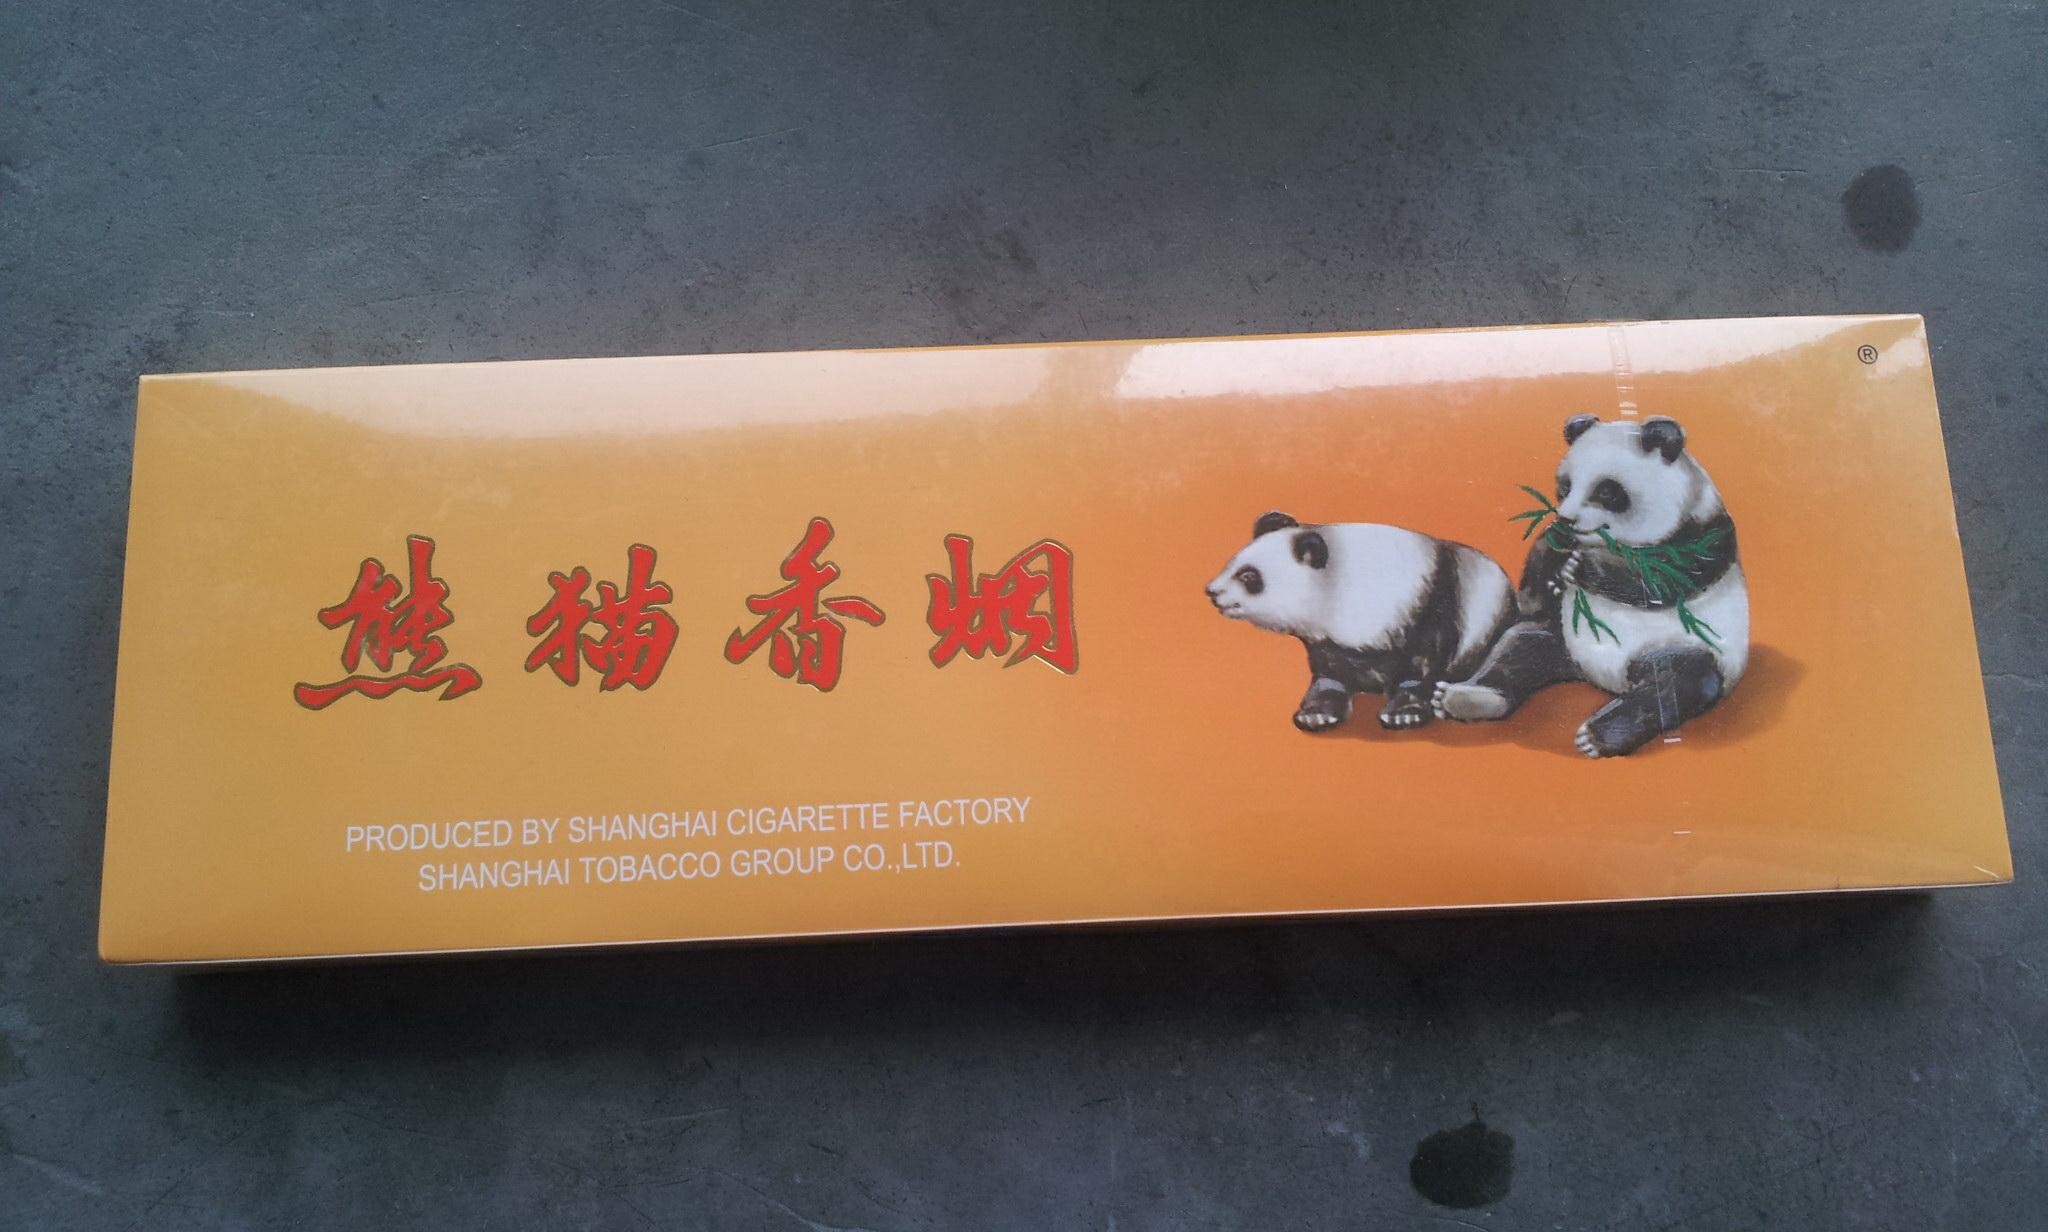 熊猫香烟多少钱 请问绿盒硬包装的小熊猫香烟多少钱 出口专用高清图片